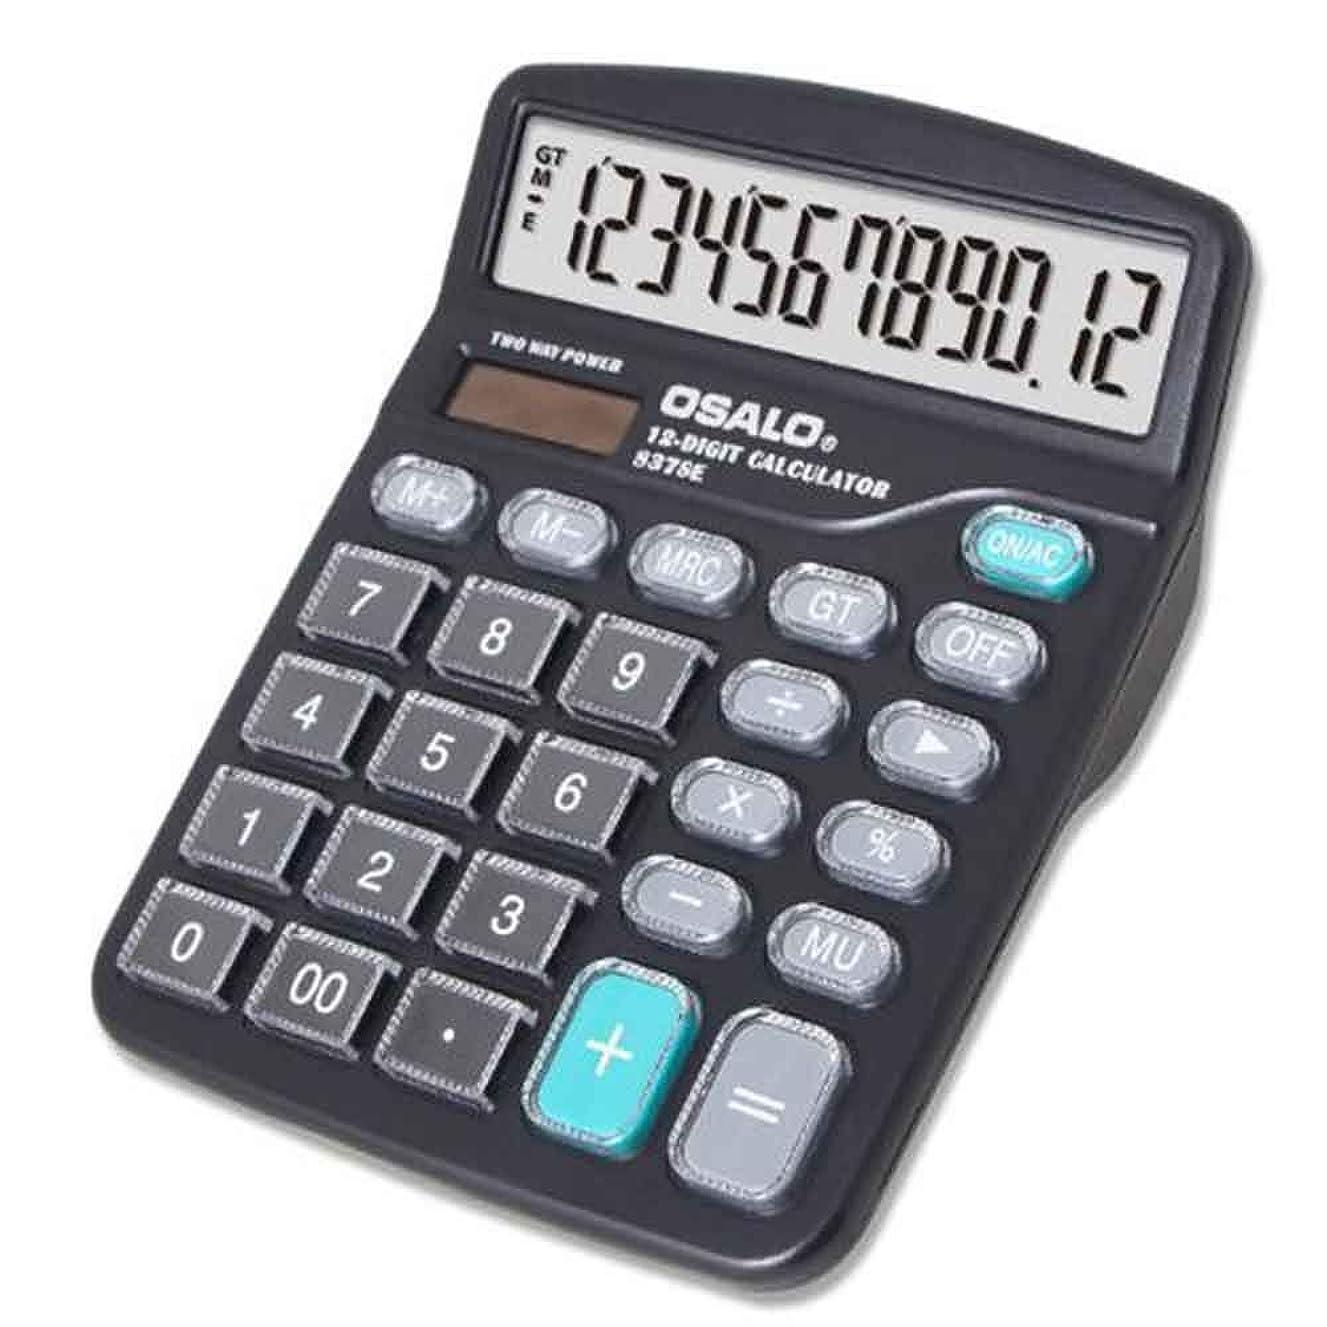 巡礼者シロナガスクジラ言及する標準機能電子デスクトップ電卓 大きなボタン12桁 大きなLCDディスプレイ デュアルパワーオフィス電卓